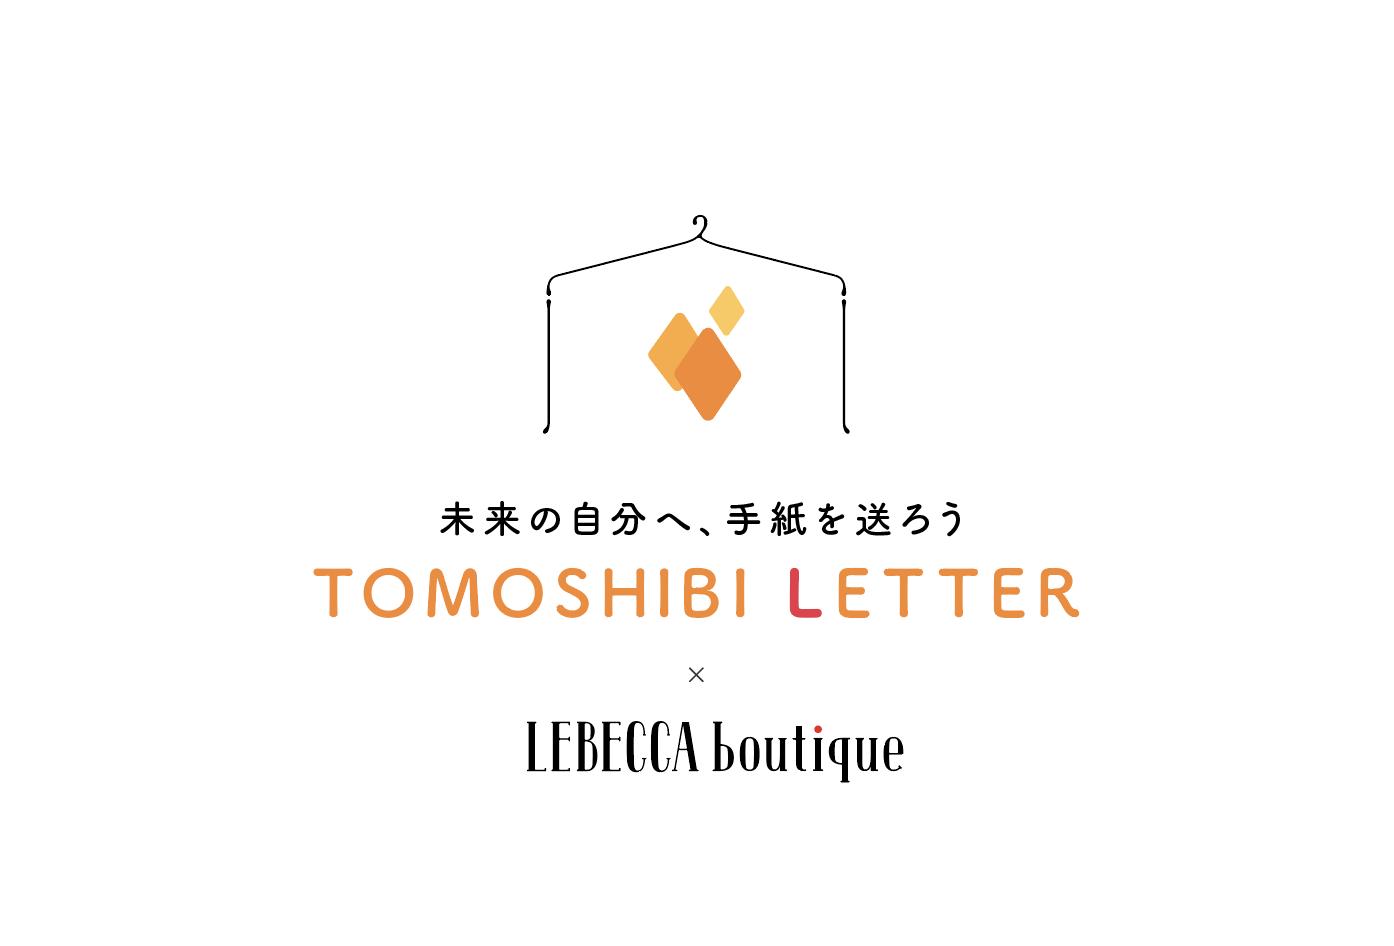 【コラボ&出店&オーナー出演情報】LEBECCA boutique × 自由丁コラボレーション!